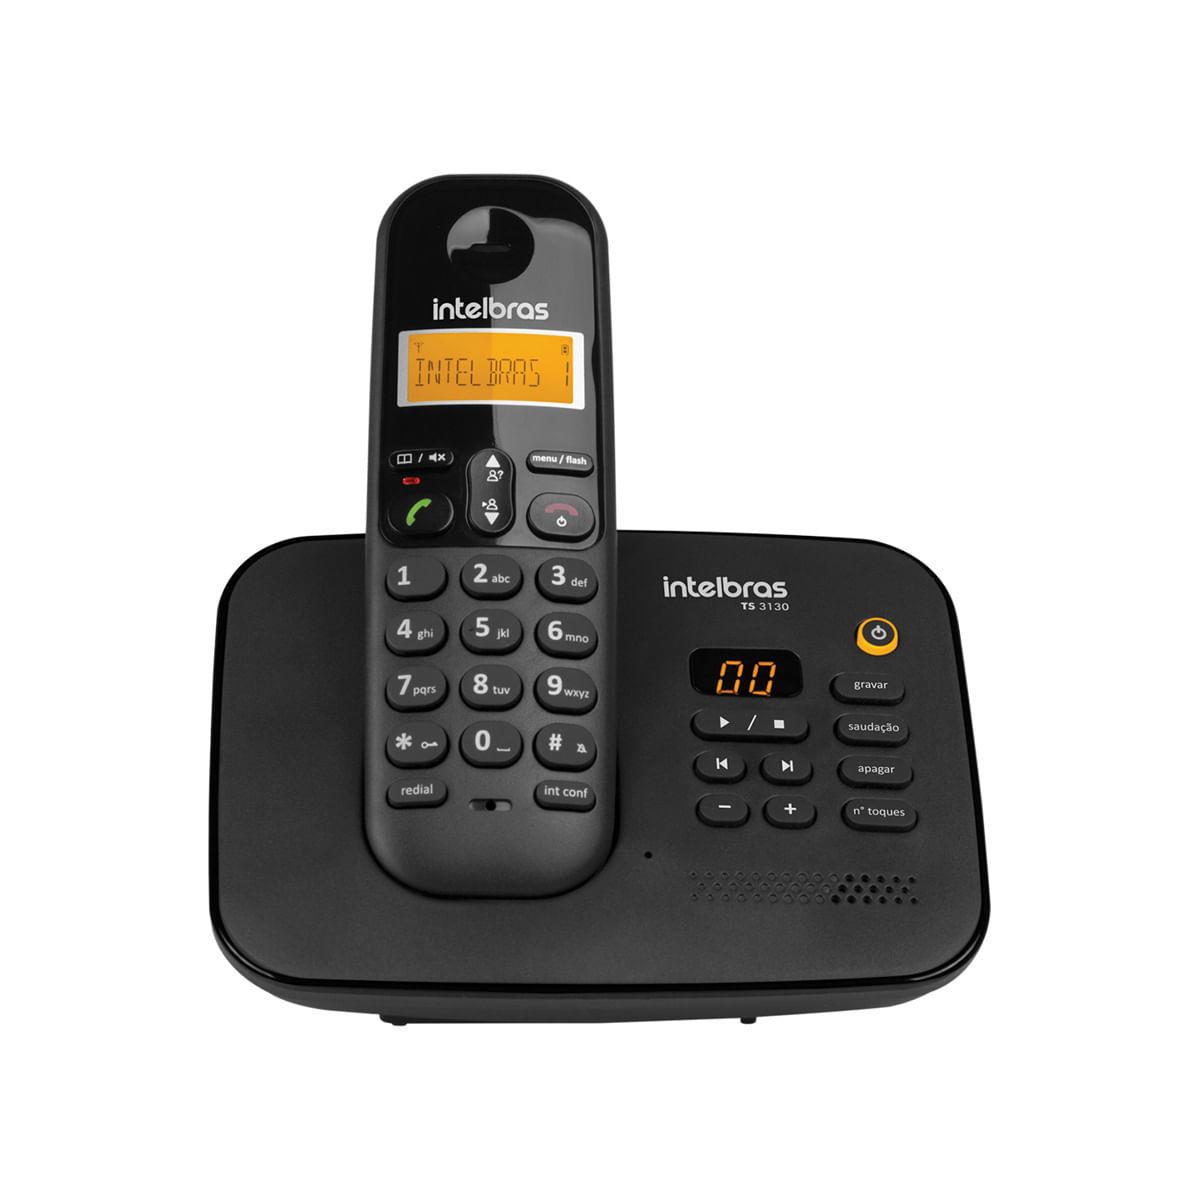 Telefone sem Fio Digital com Secretária Eletrônica Intelbras TS 3130